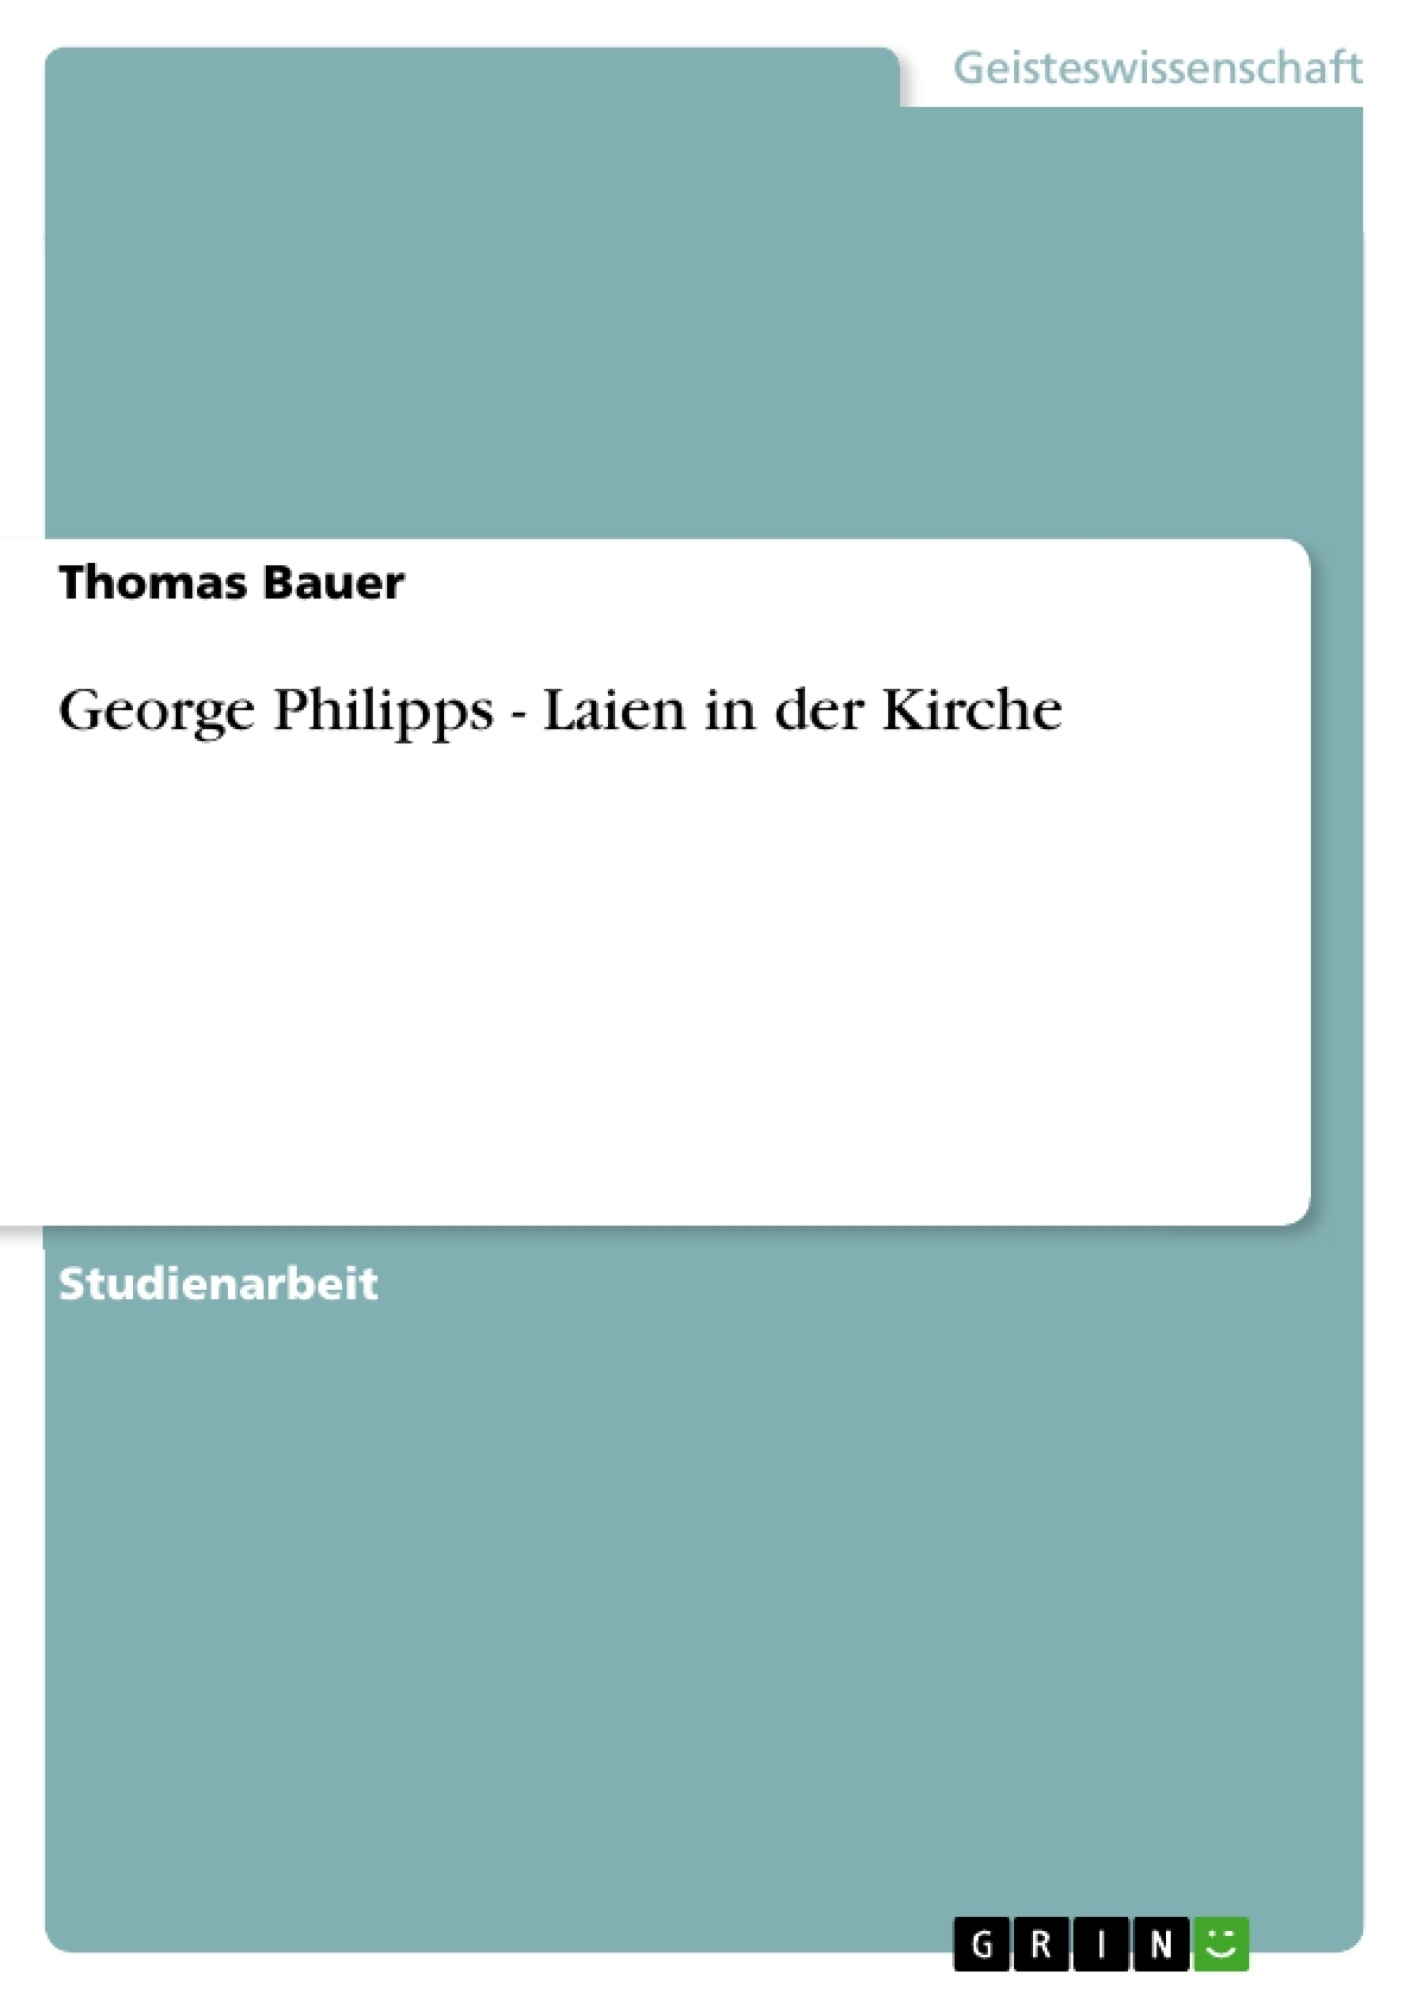 Titel: George Philipps - Laien in der Kirche